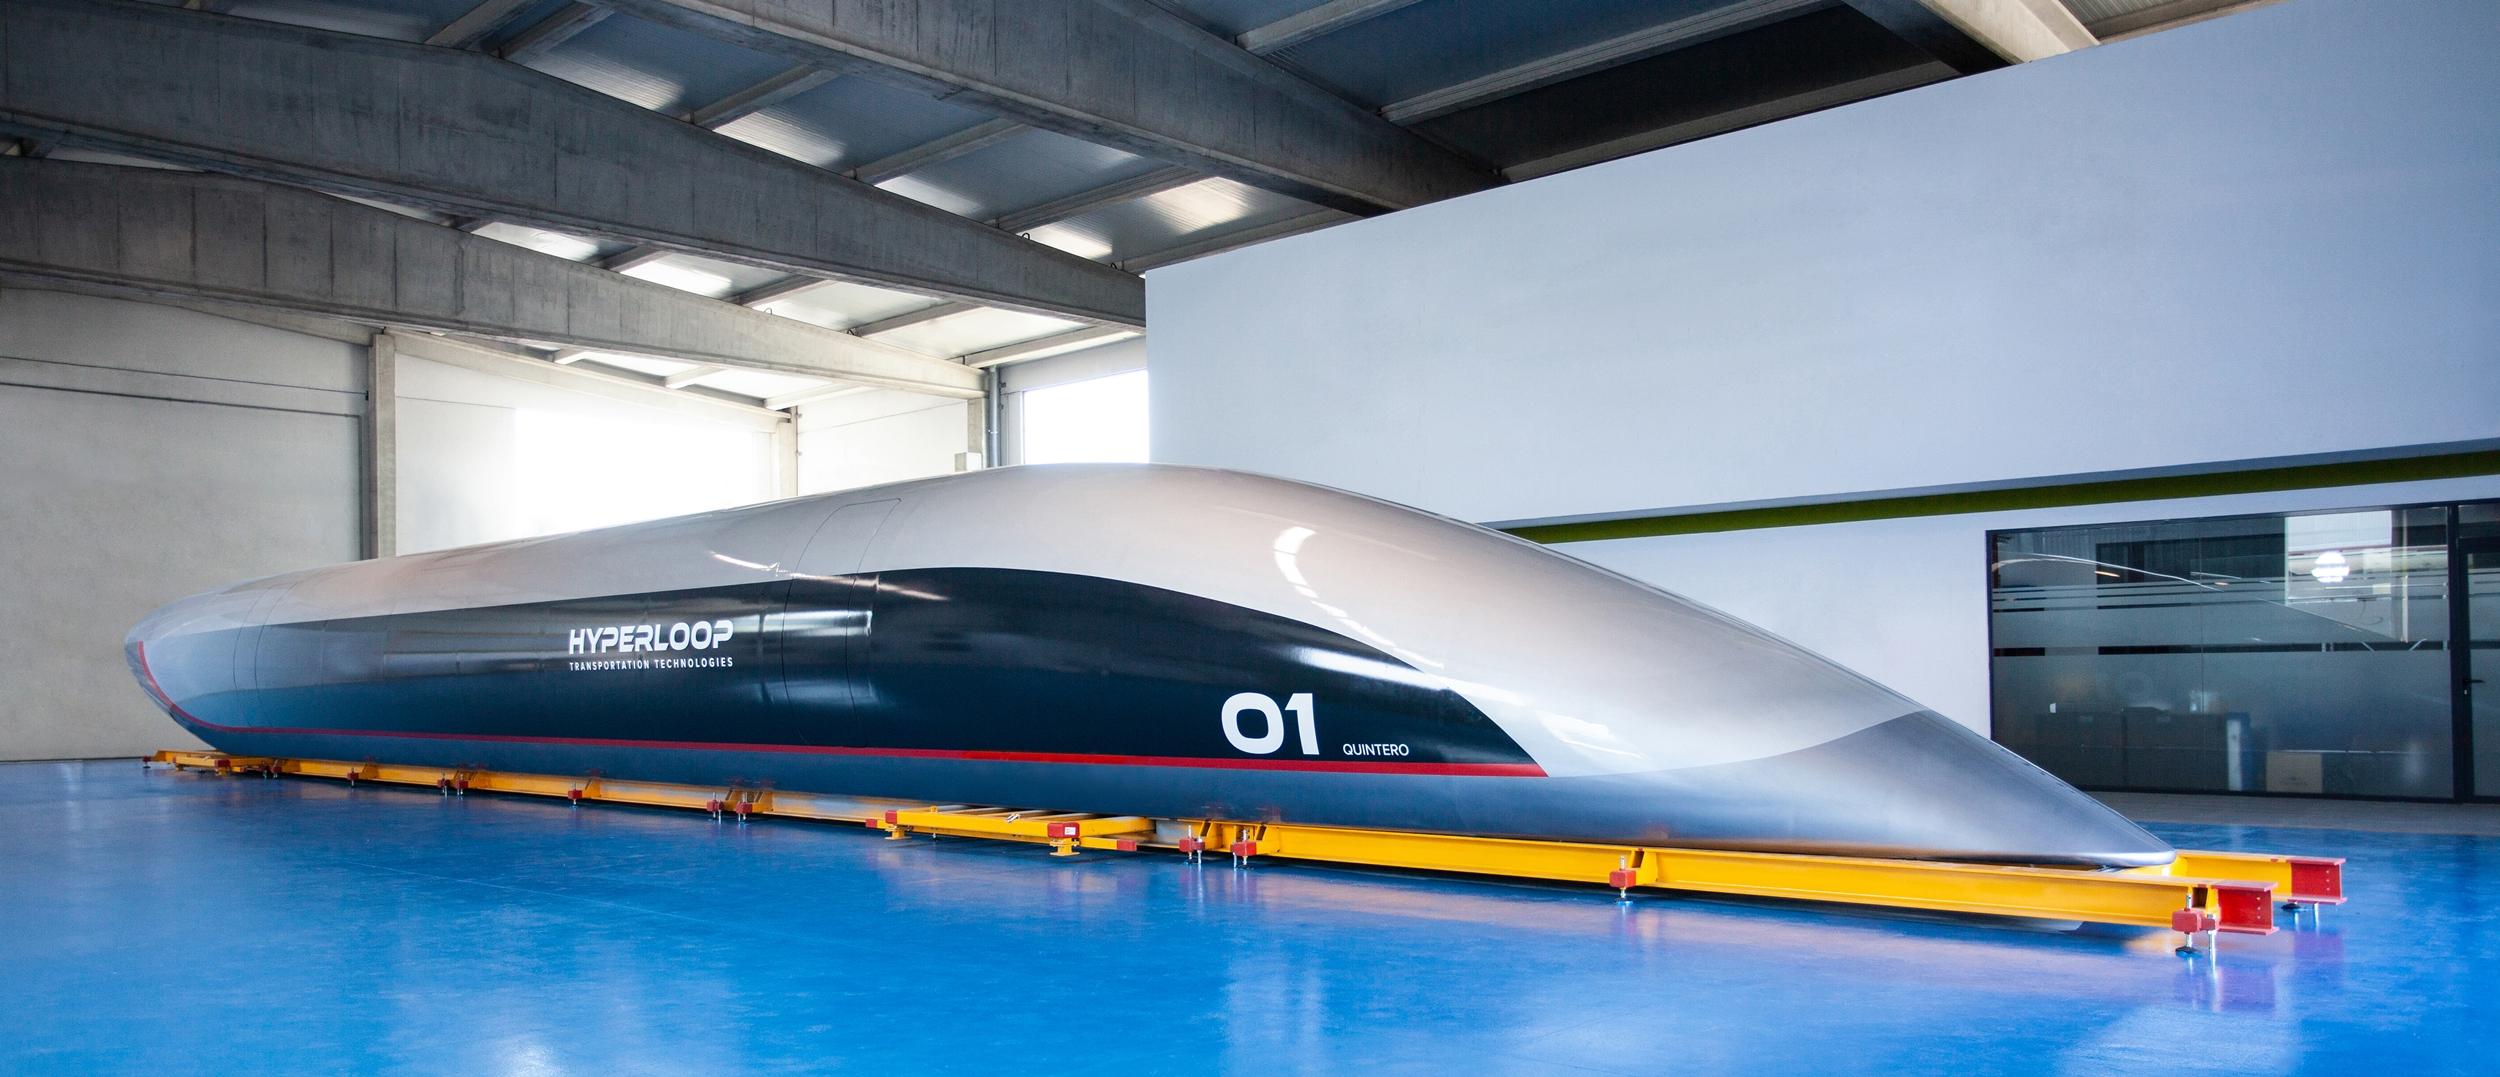 Hyperloop Quintero One